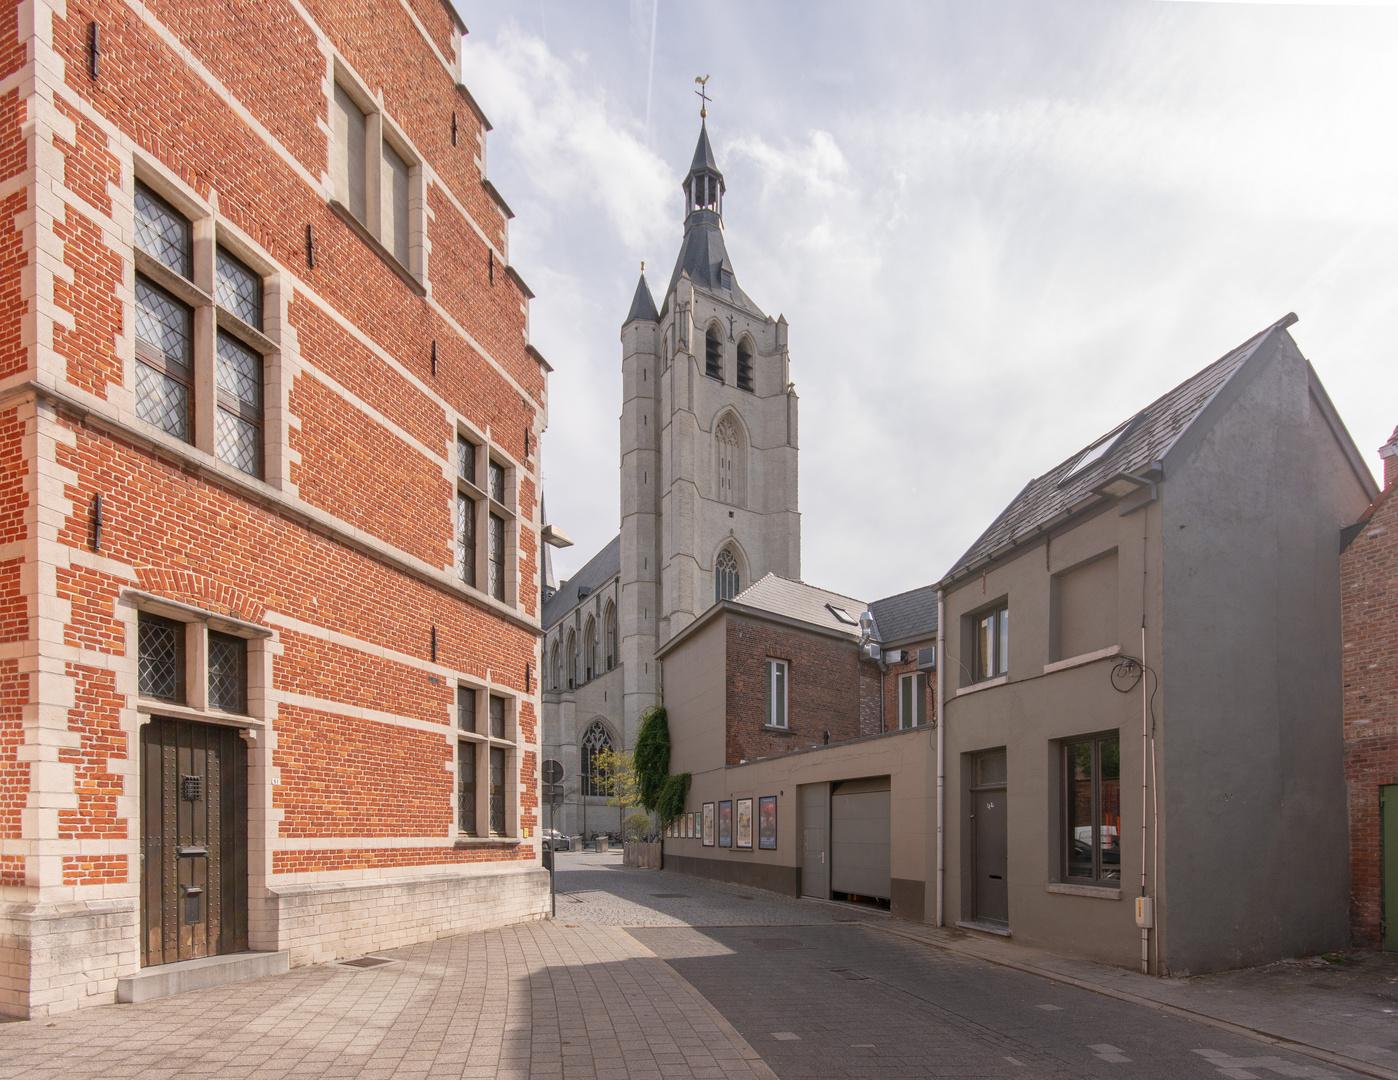 Mechelen - Gebroeders Verhaegenstraat - Onze Lieve Vrouw over de Dijlekerk - 02